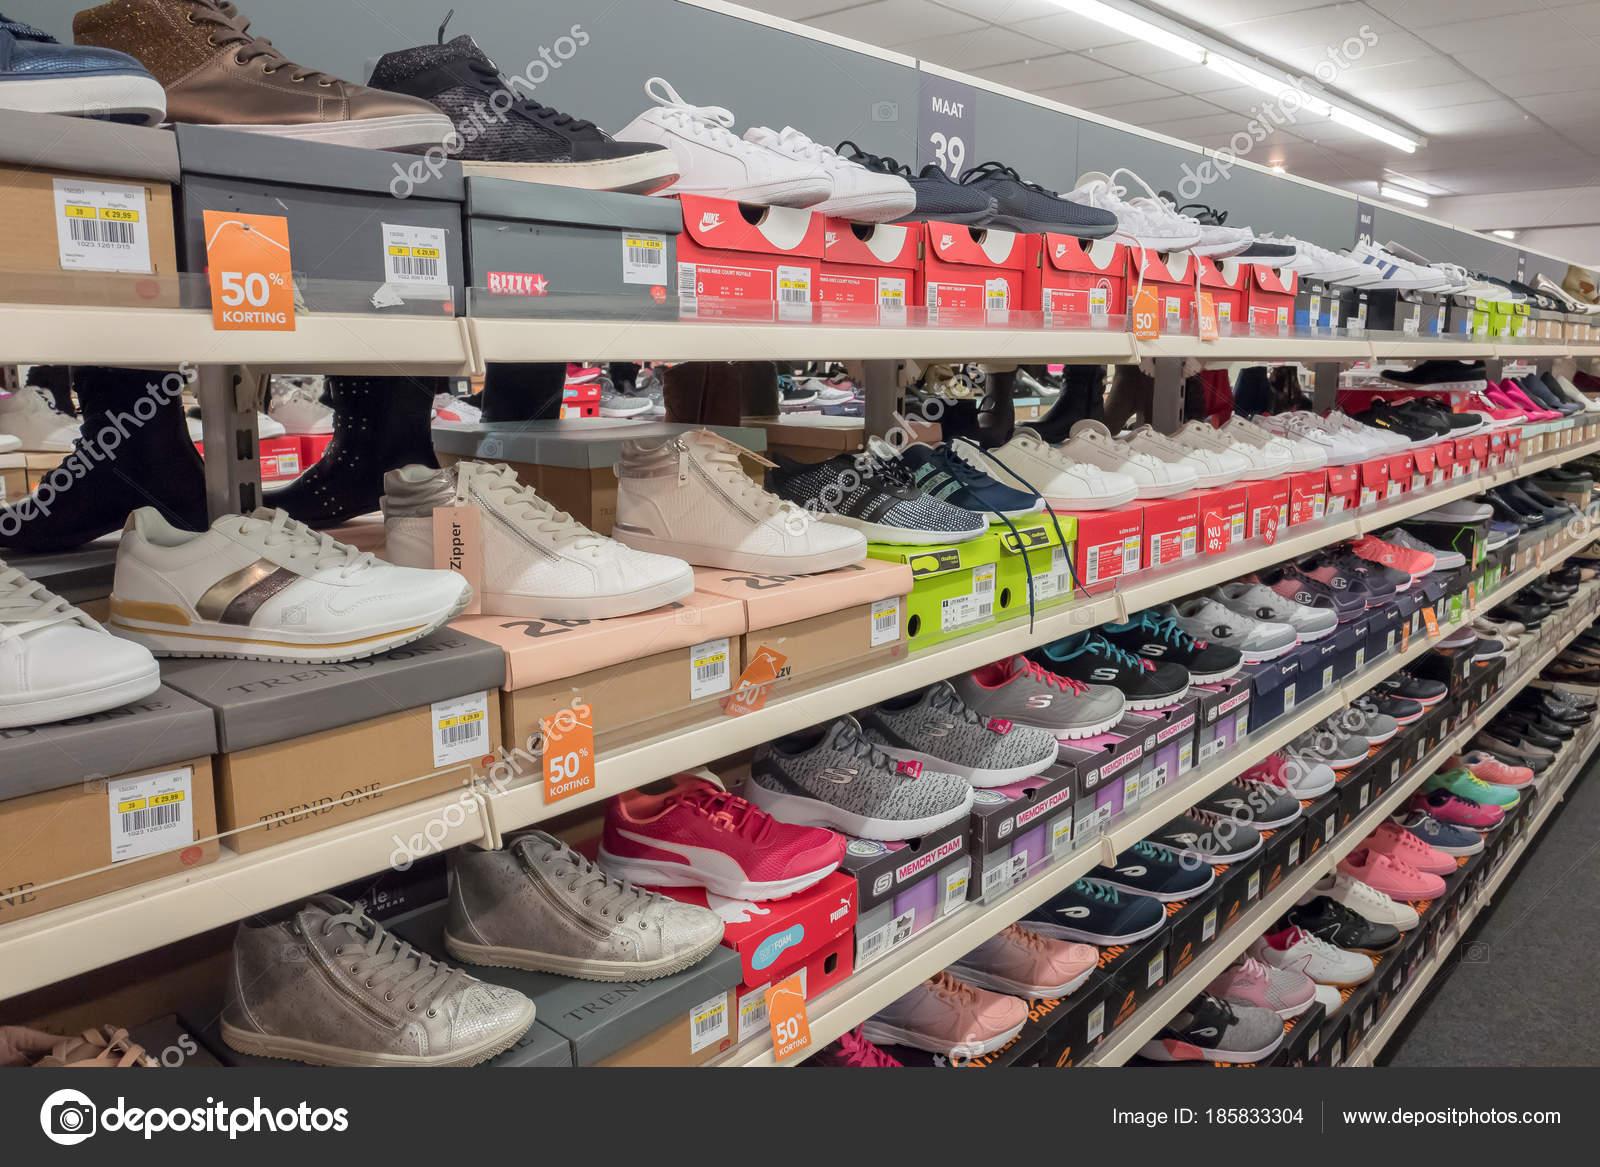 bd7bd8aa4bbb9 Calzado deportivo en la tienda de Bristol en Nunspeet– Fotografía editorial  de stock